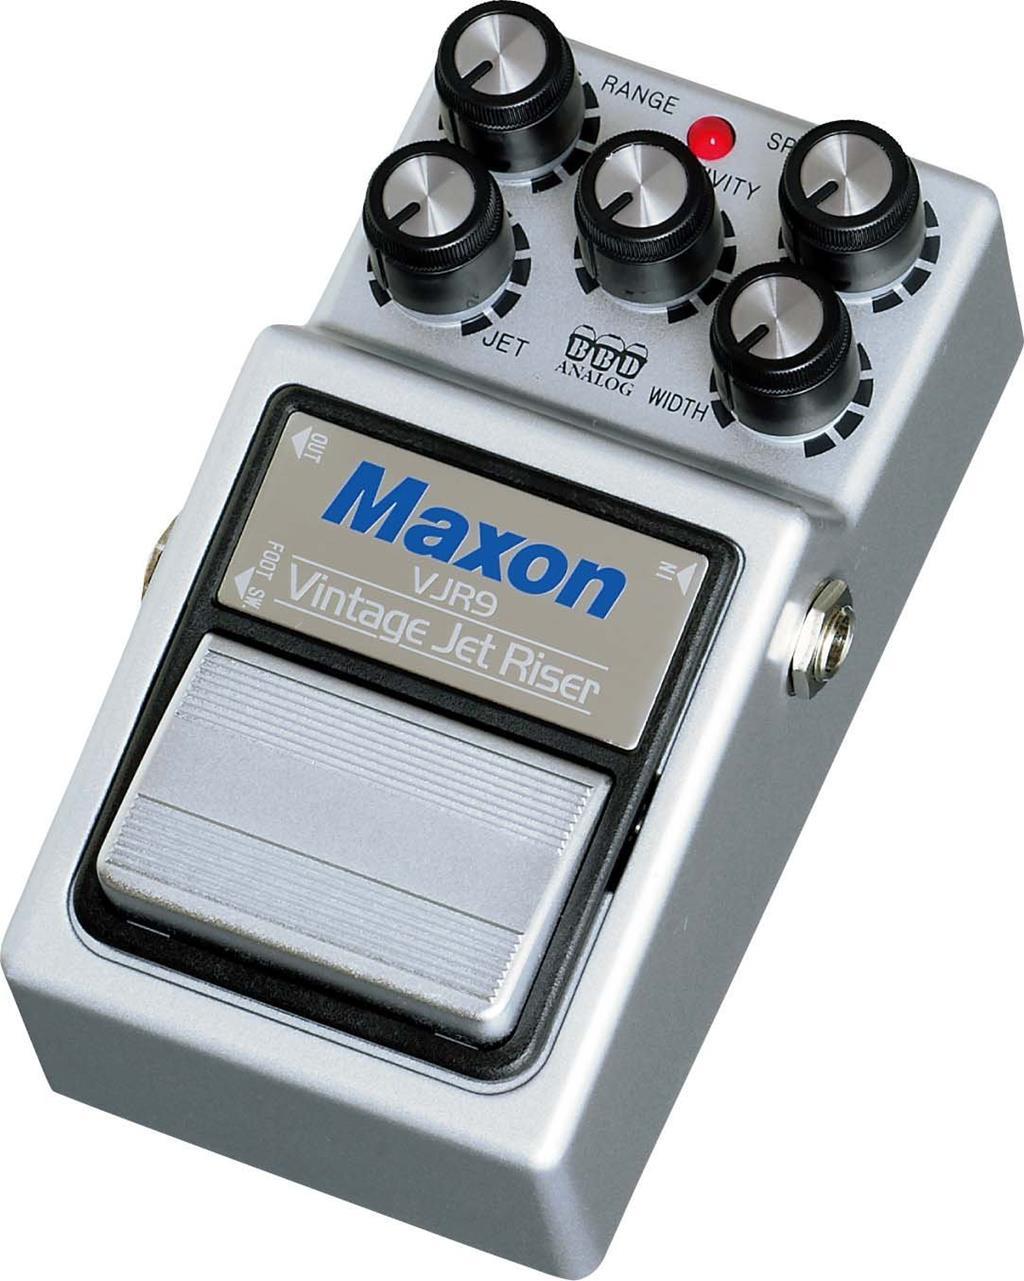 MAXON-VJR-9-sku-160009310193333